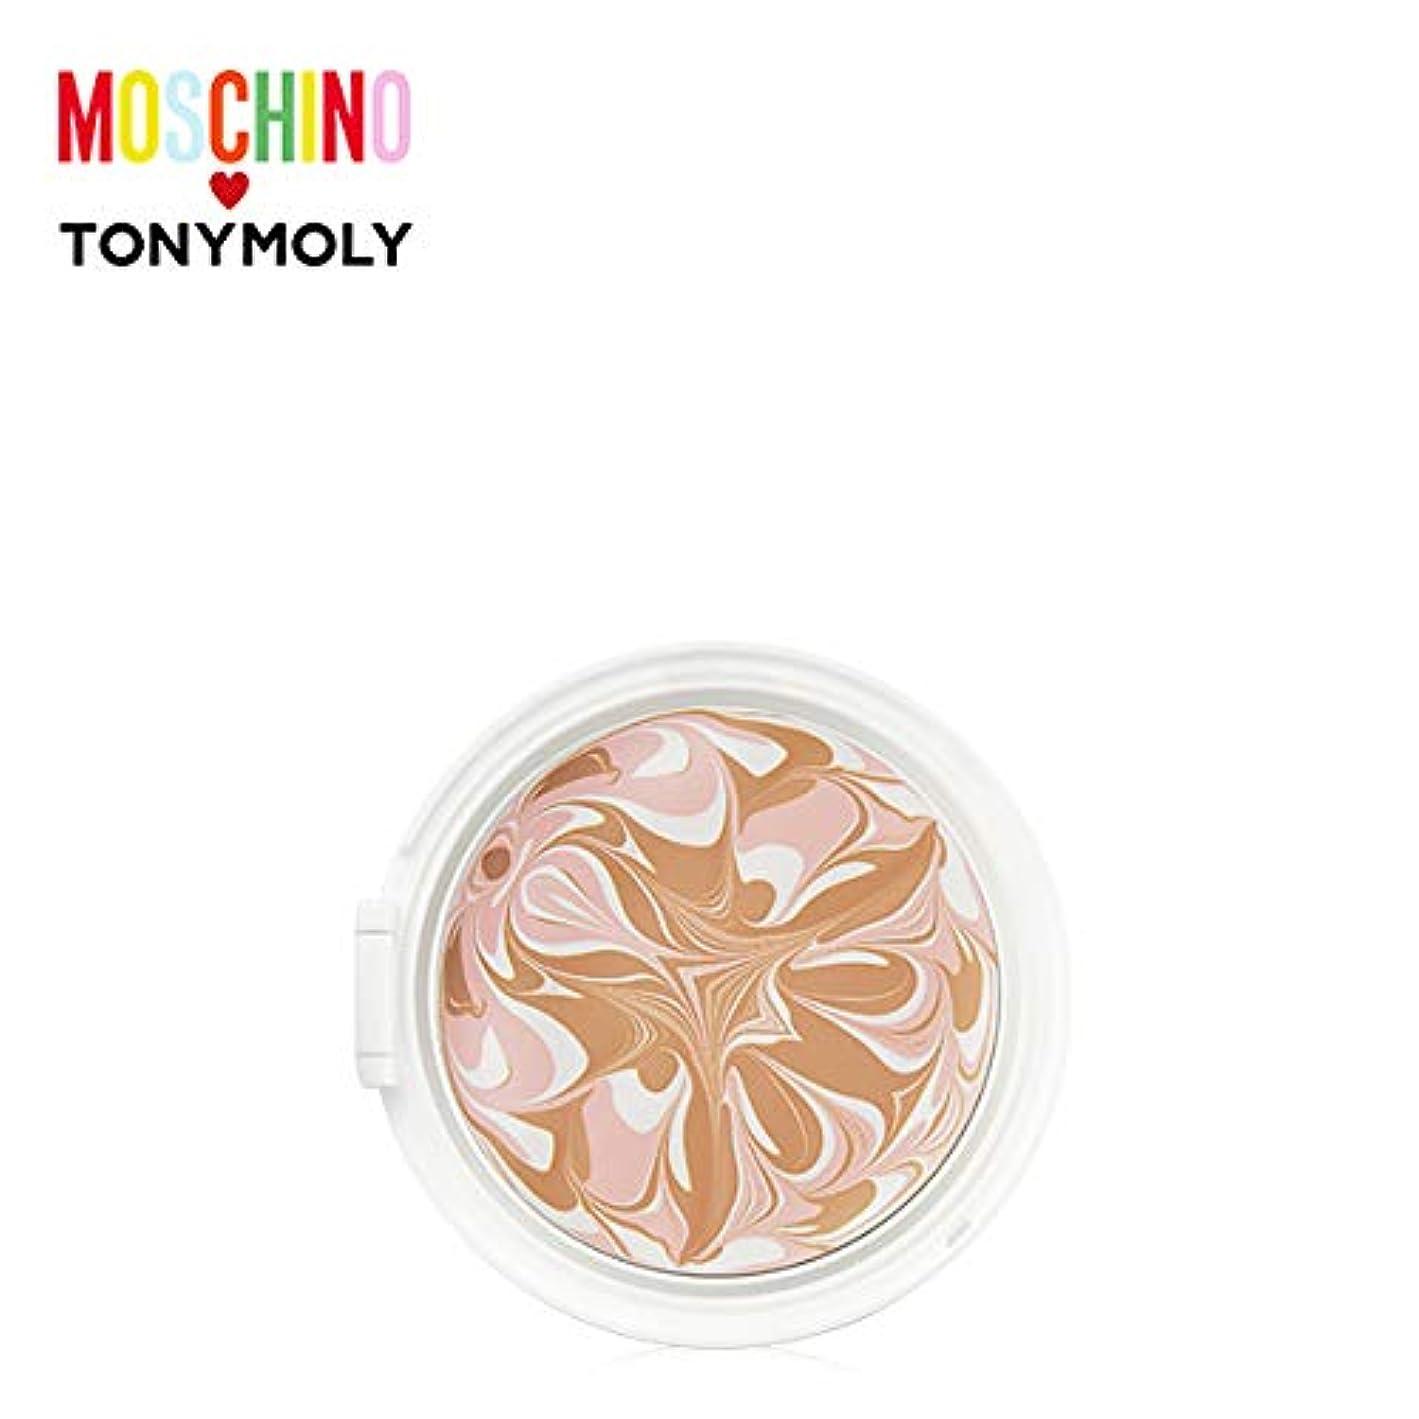 おかしいカリキュラム精度TONYMOLY [MOSCHINO] Chic Skin Essence Pact -Refill #02 CHIC BEIGE トニーモリー [モスキーノ] シック スキン エッセンス パクト -リフィル [詰め替え...